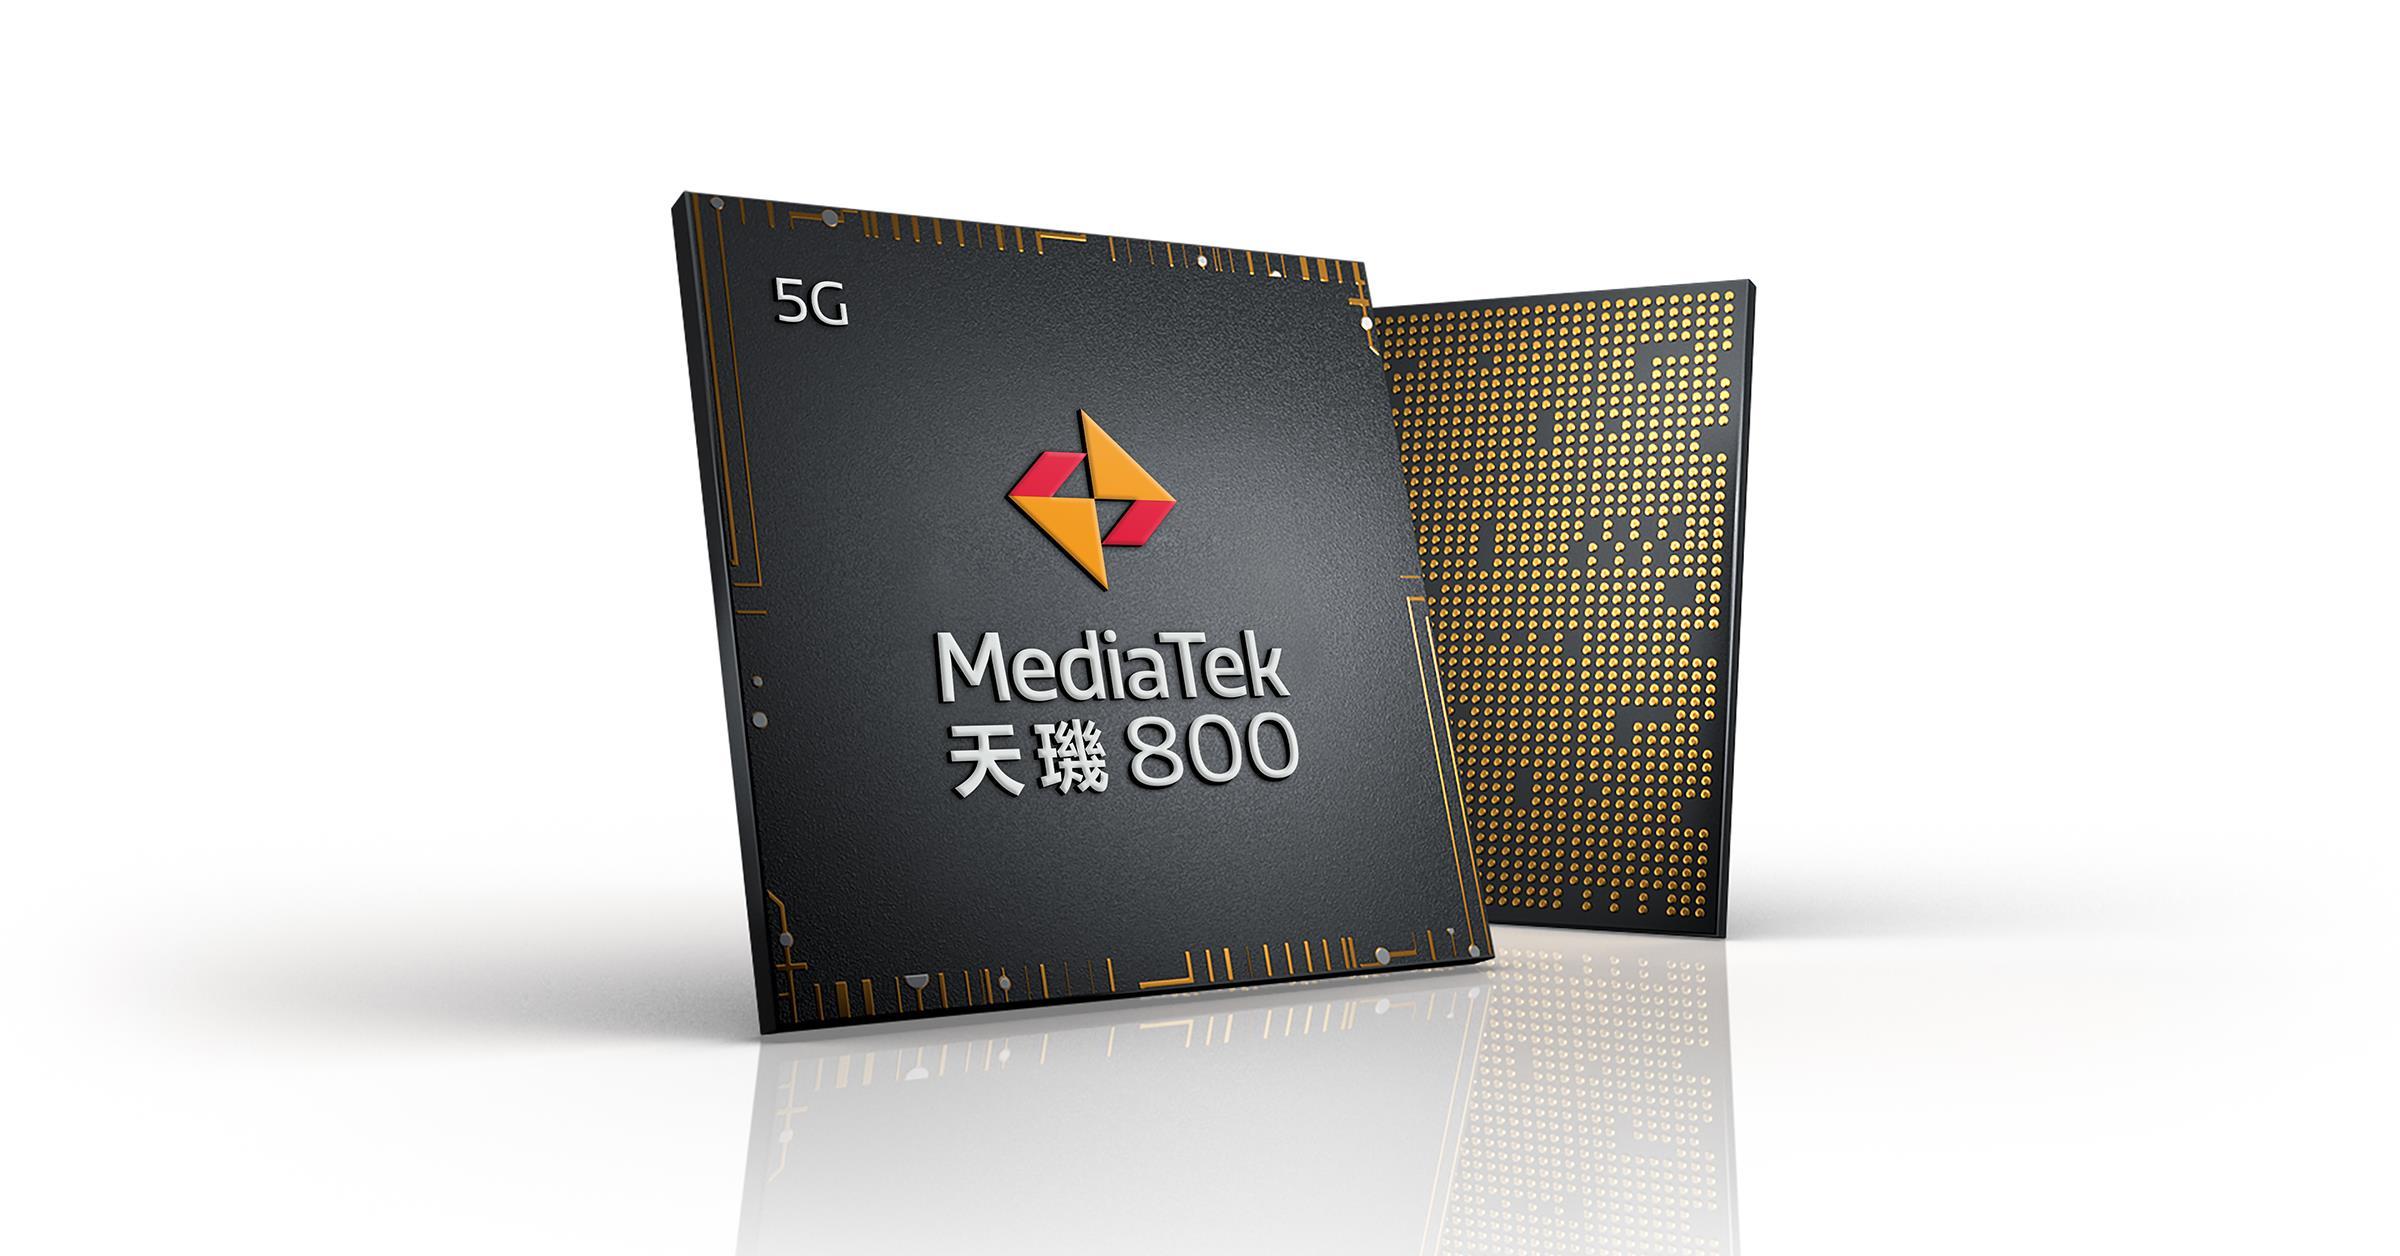 聯發科 5G 晶片「天璣 800」正式登場,相關產品 2020 上半年問市